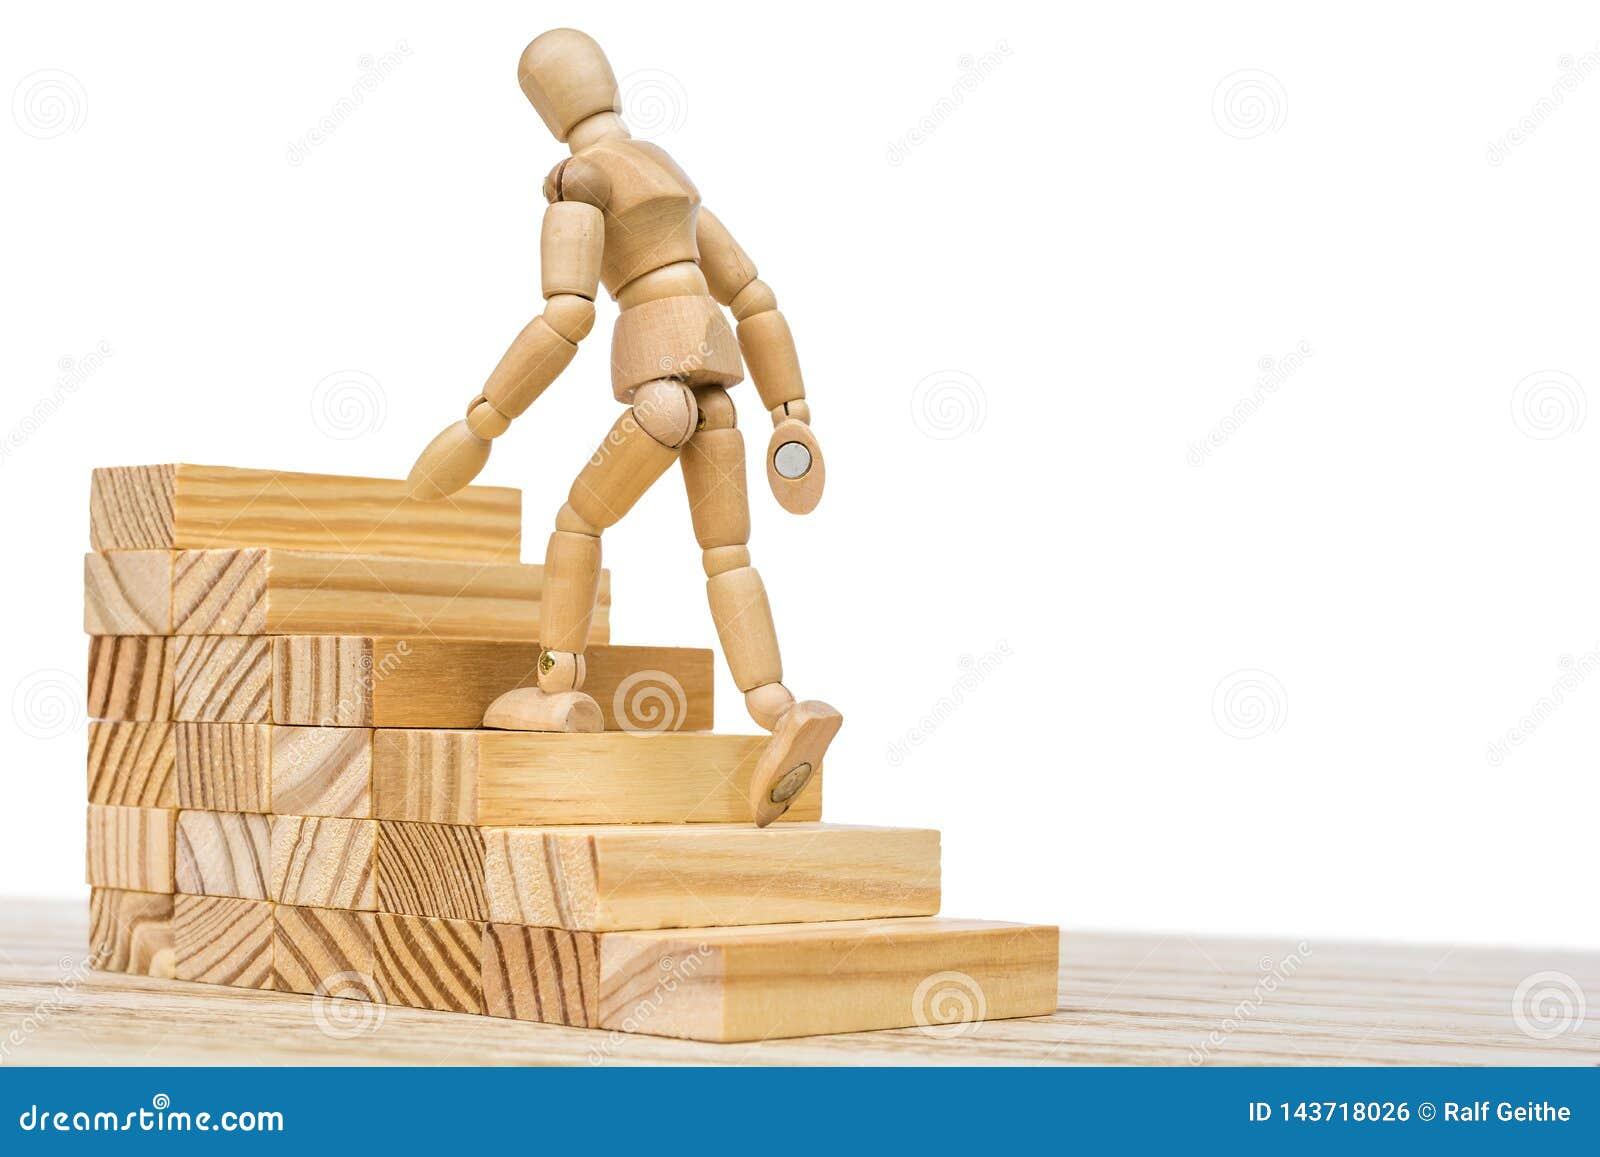 Het houten cijfer beklimt een houten trap als symbool van carrièrevordering